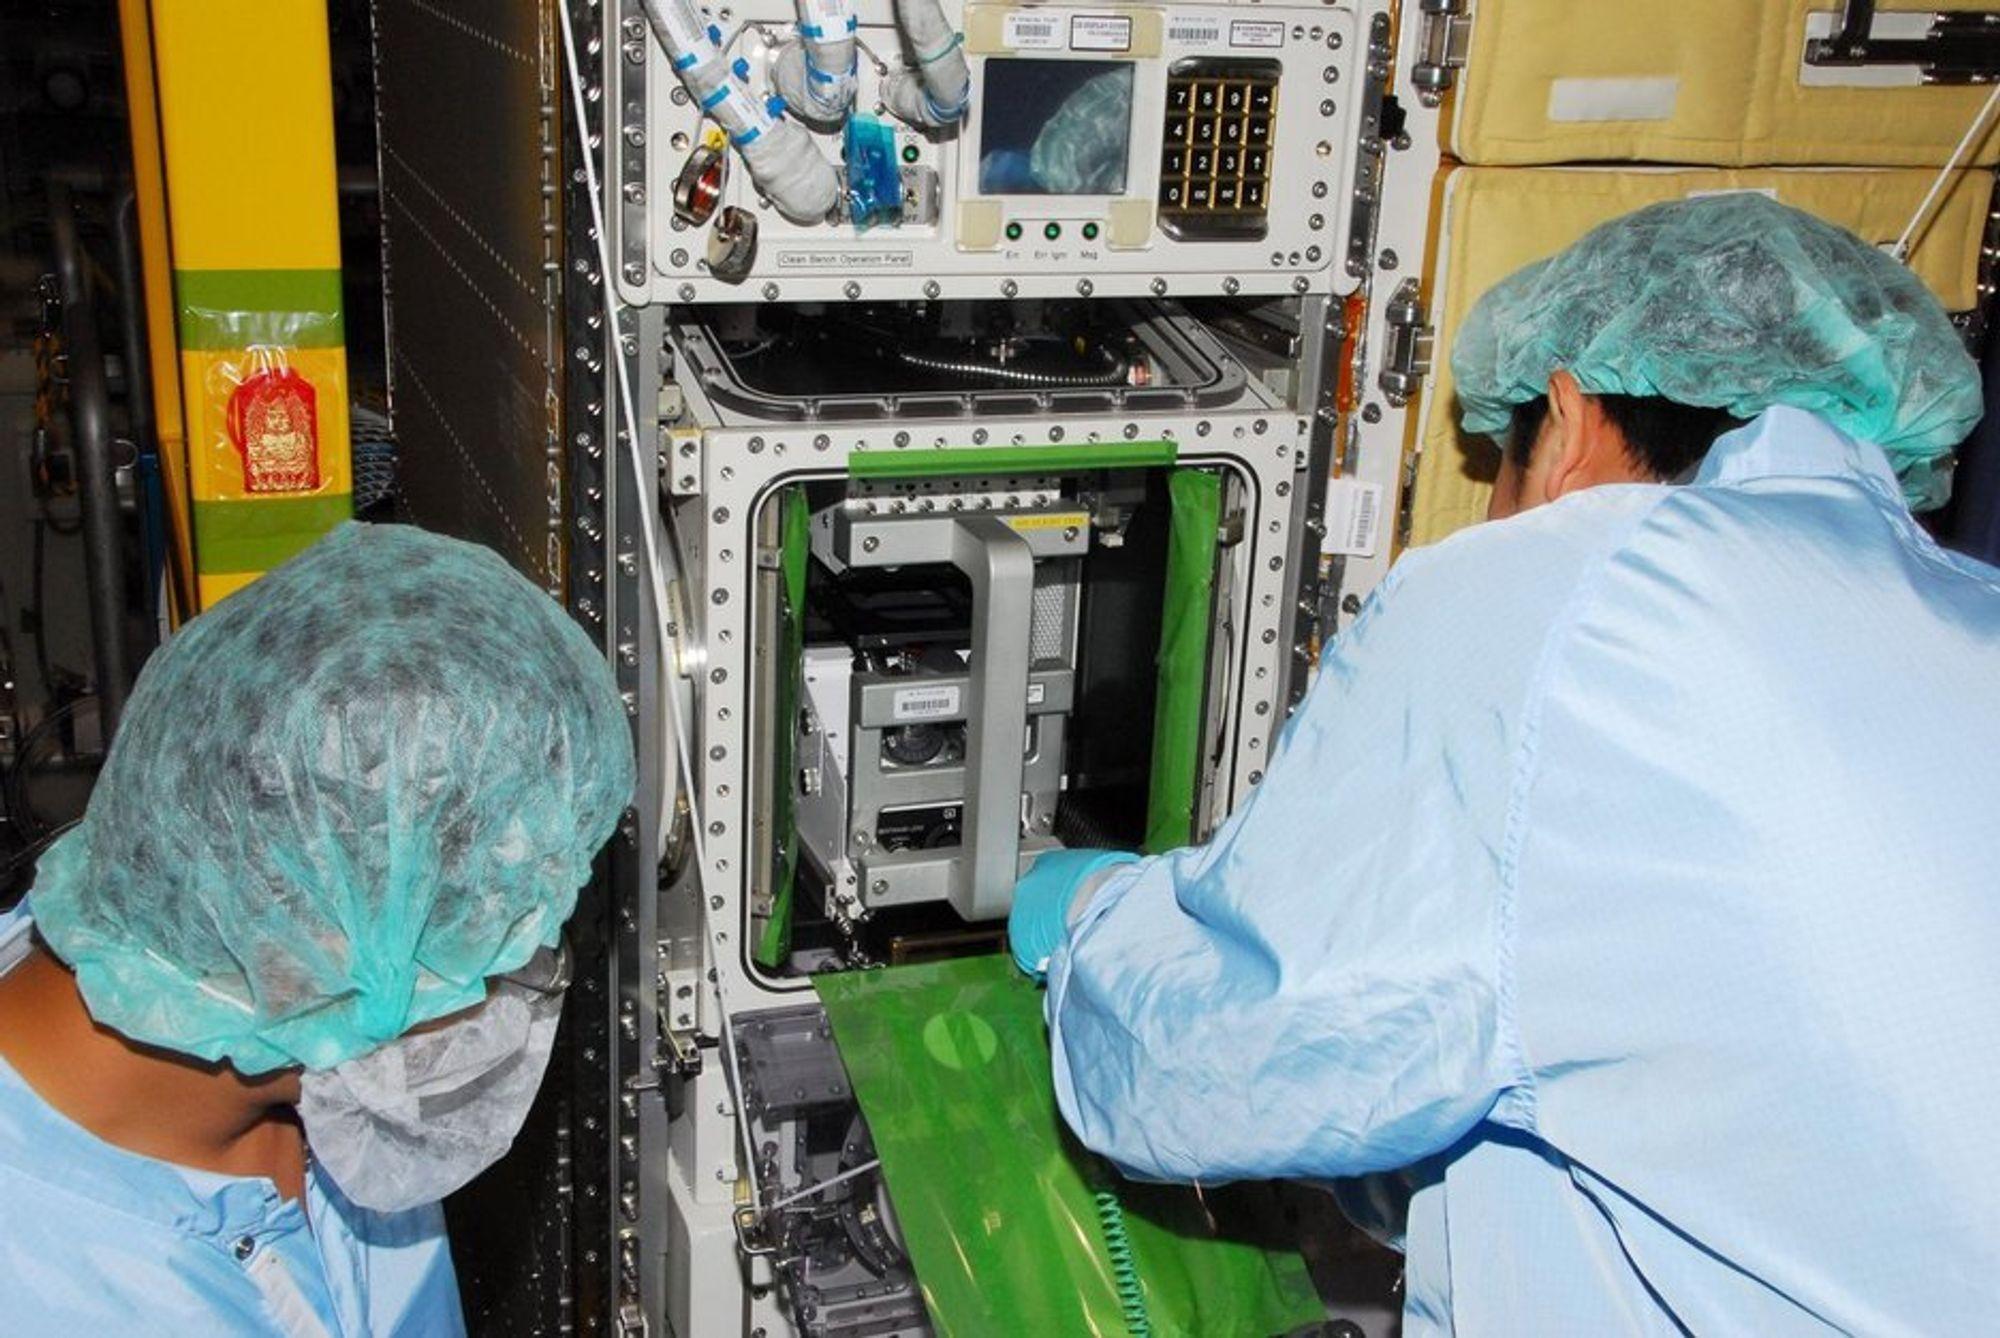 Astronautene inspiserer systemet de skal installere på den internasjonale romstasjonen i løpet av de neste to ukene.